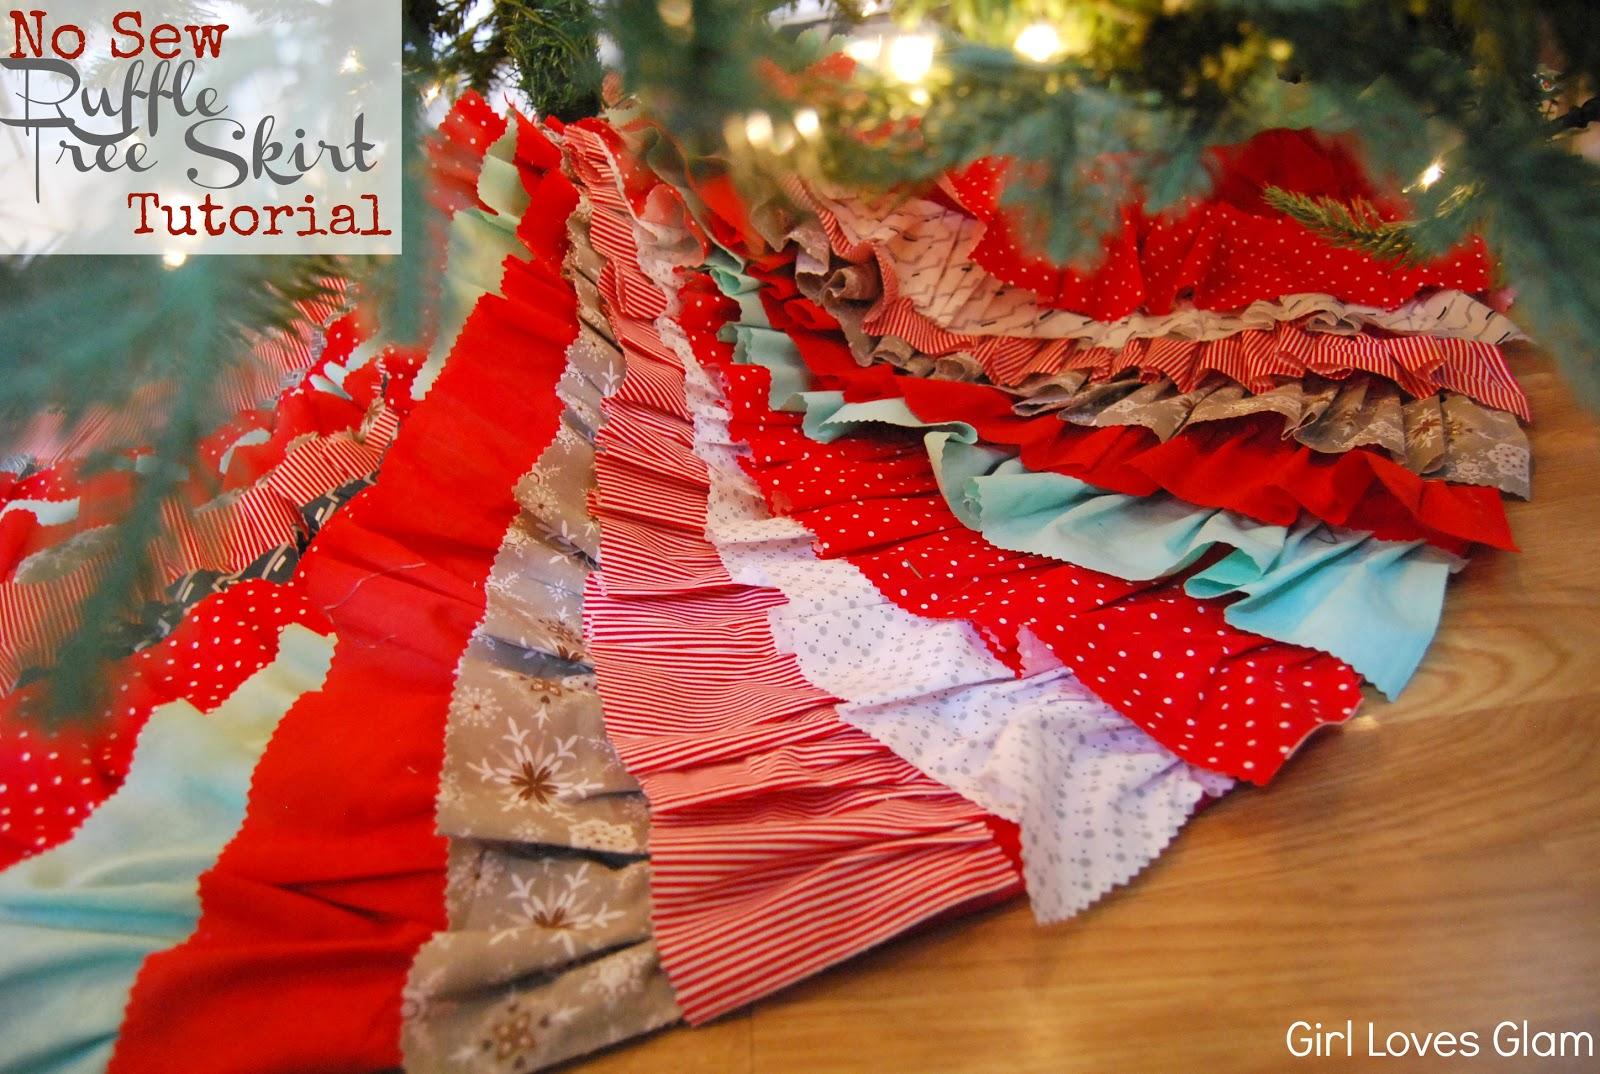 No sew ruffle tree skirt tutorial ish girl loves glam